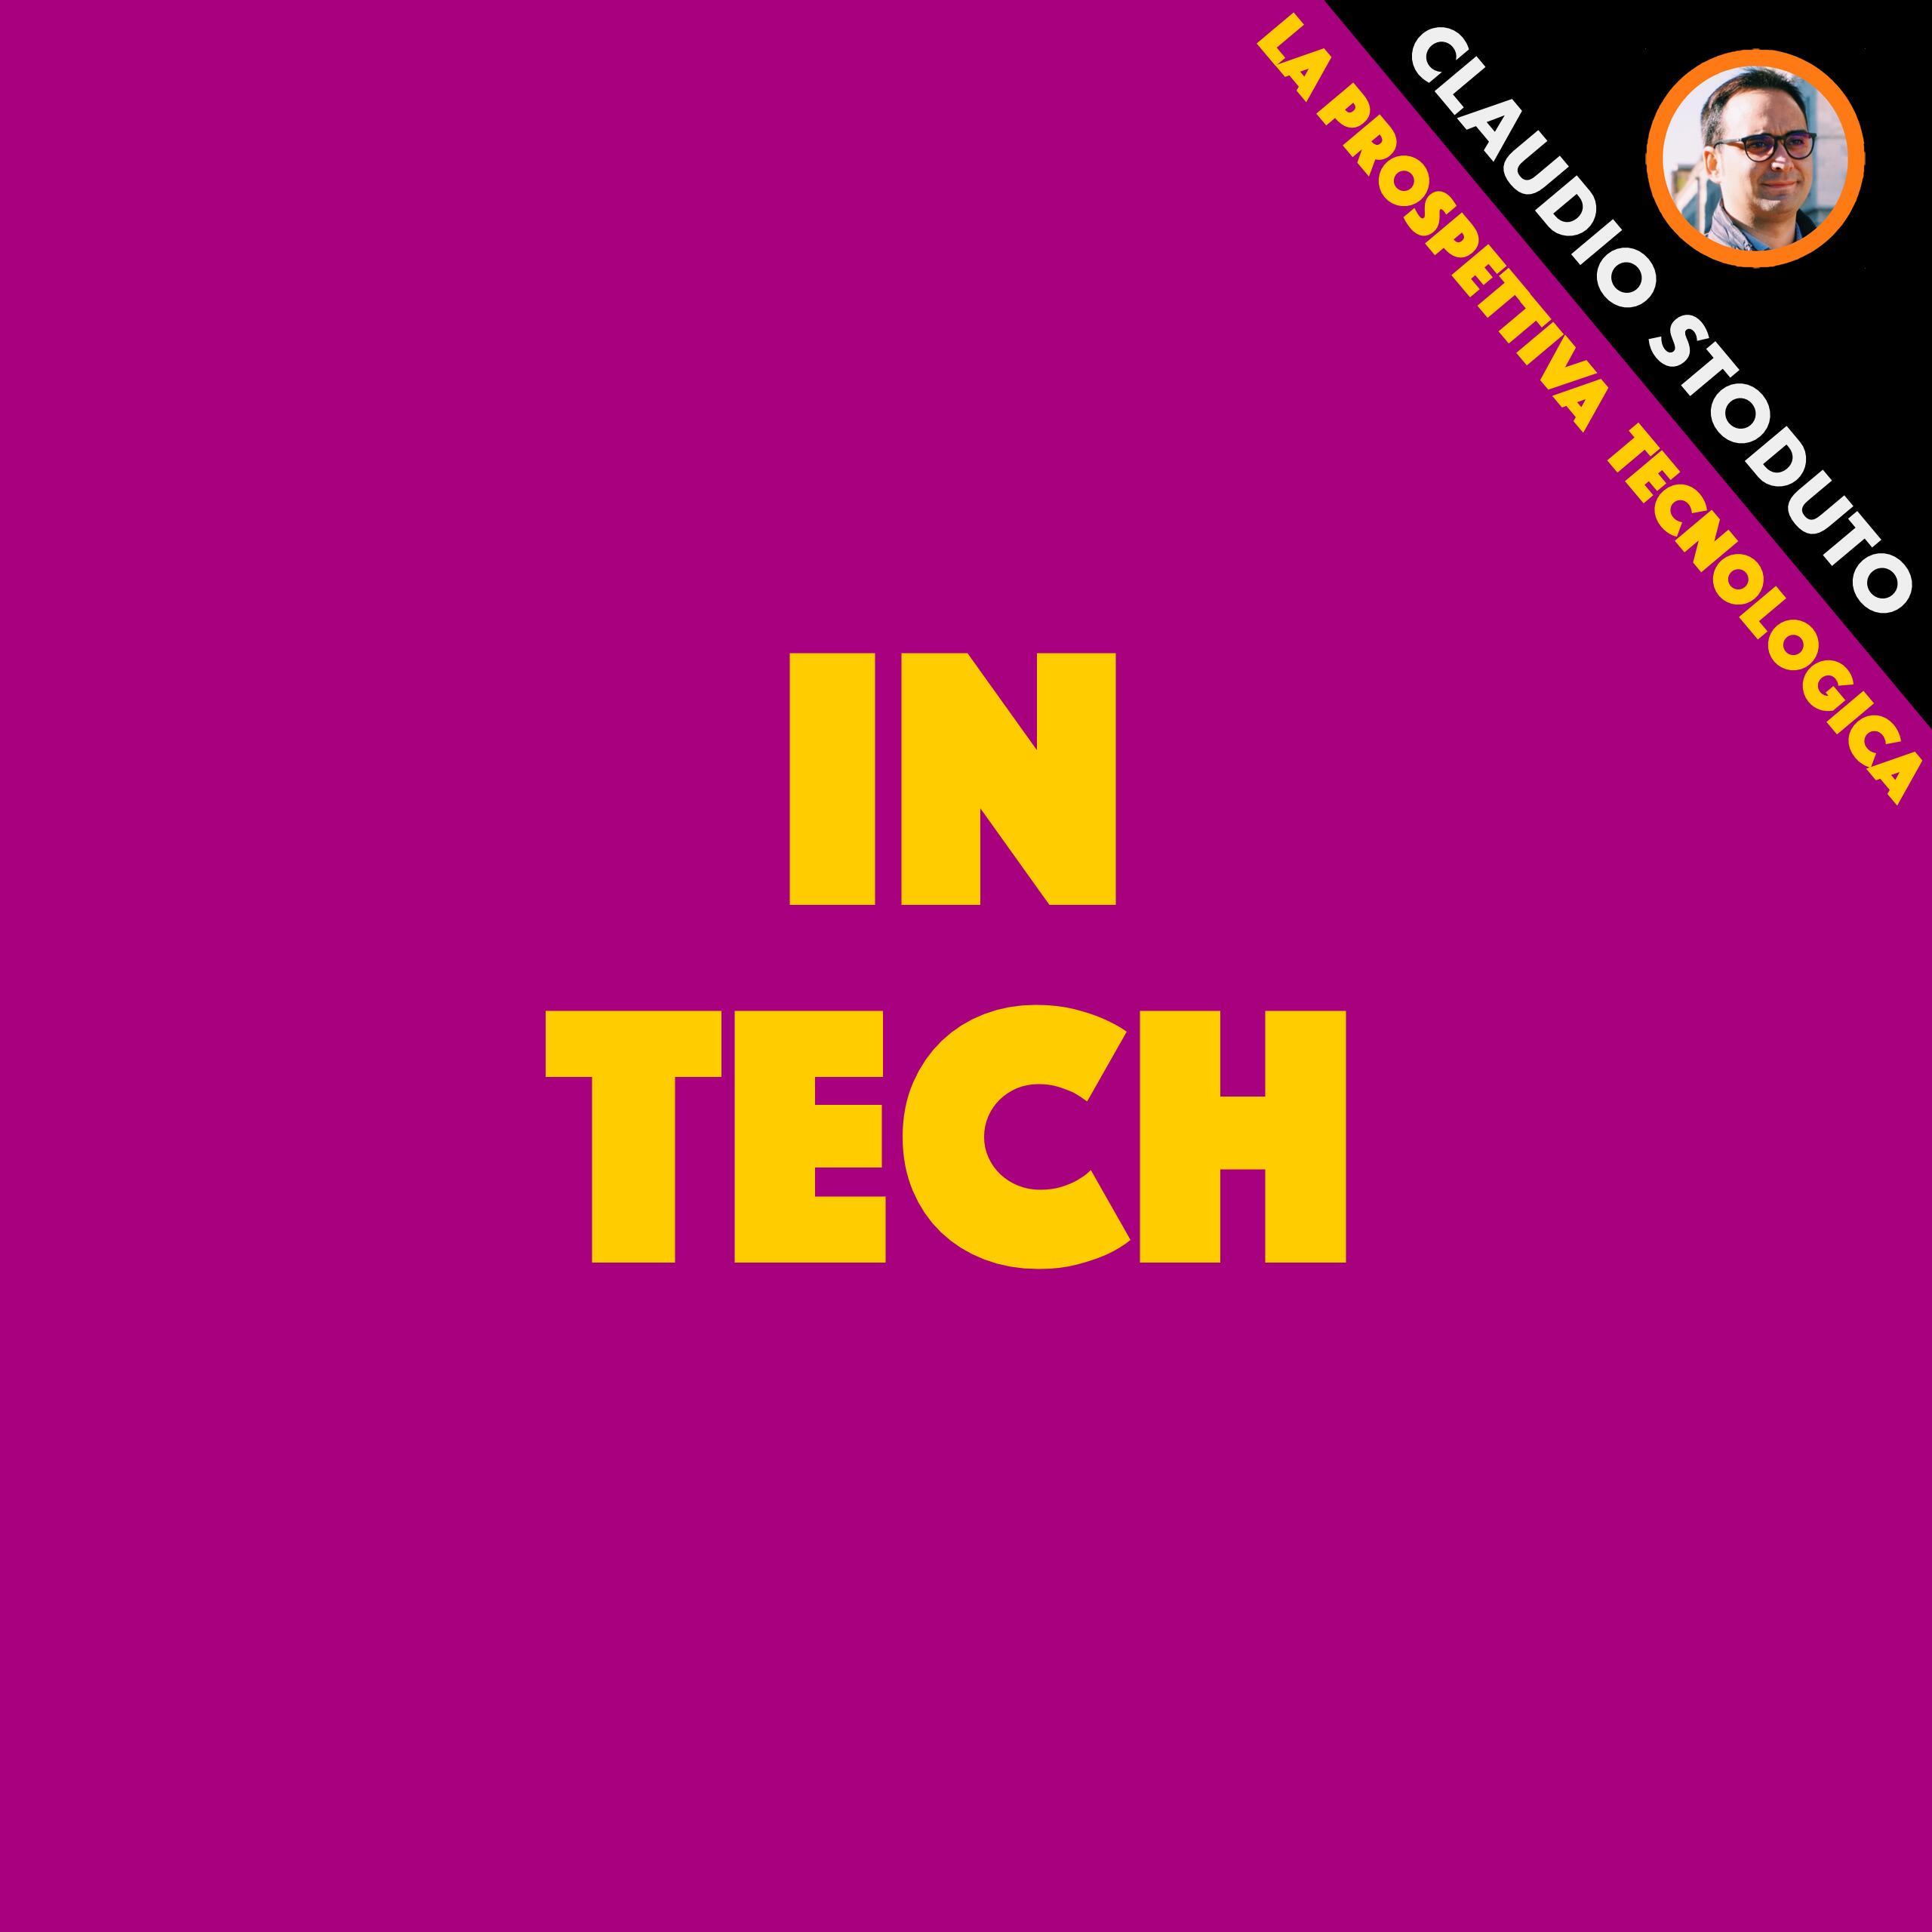 IN Tech